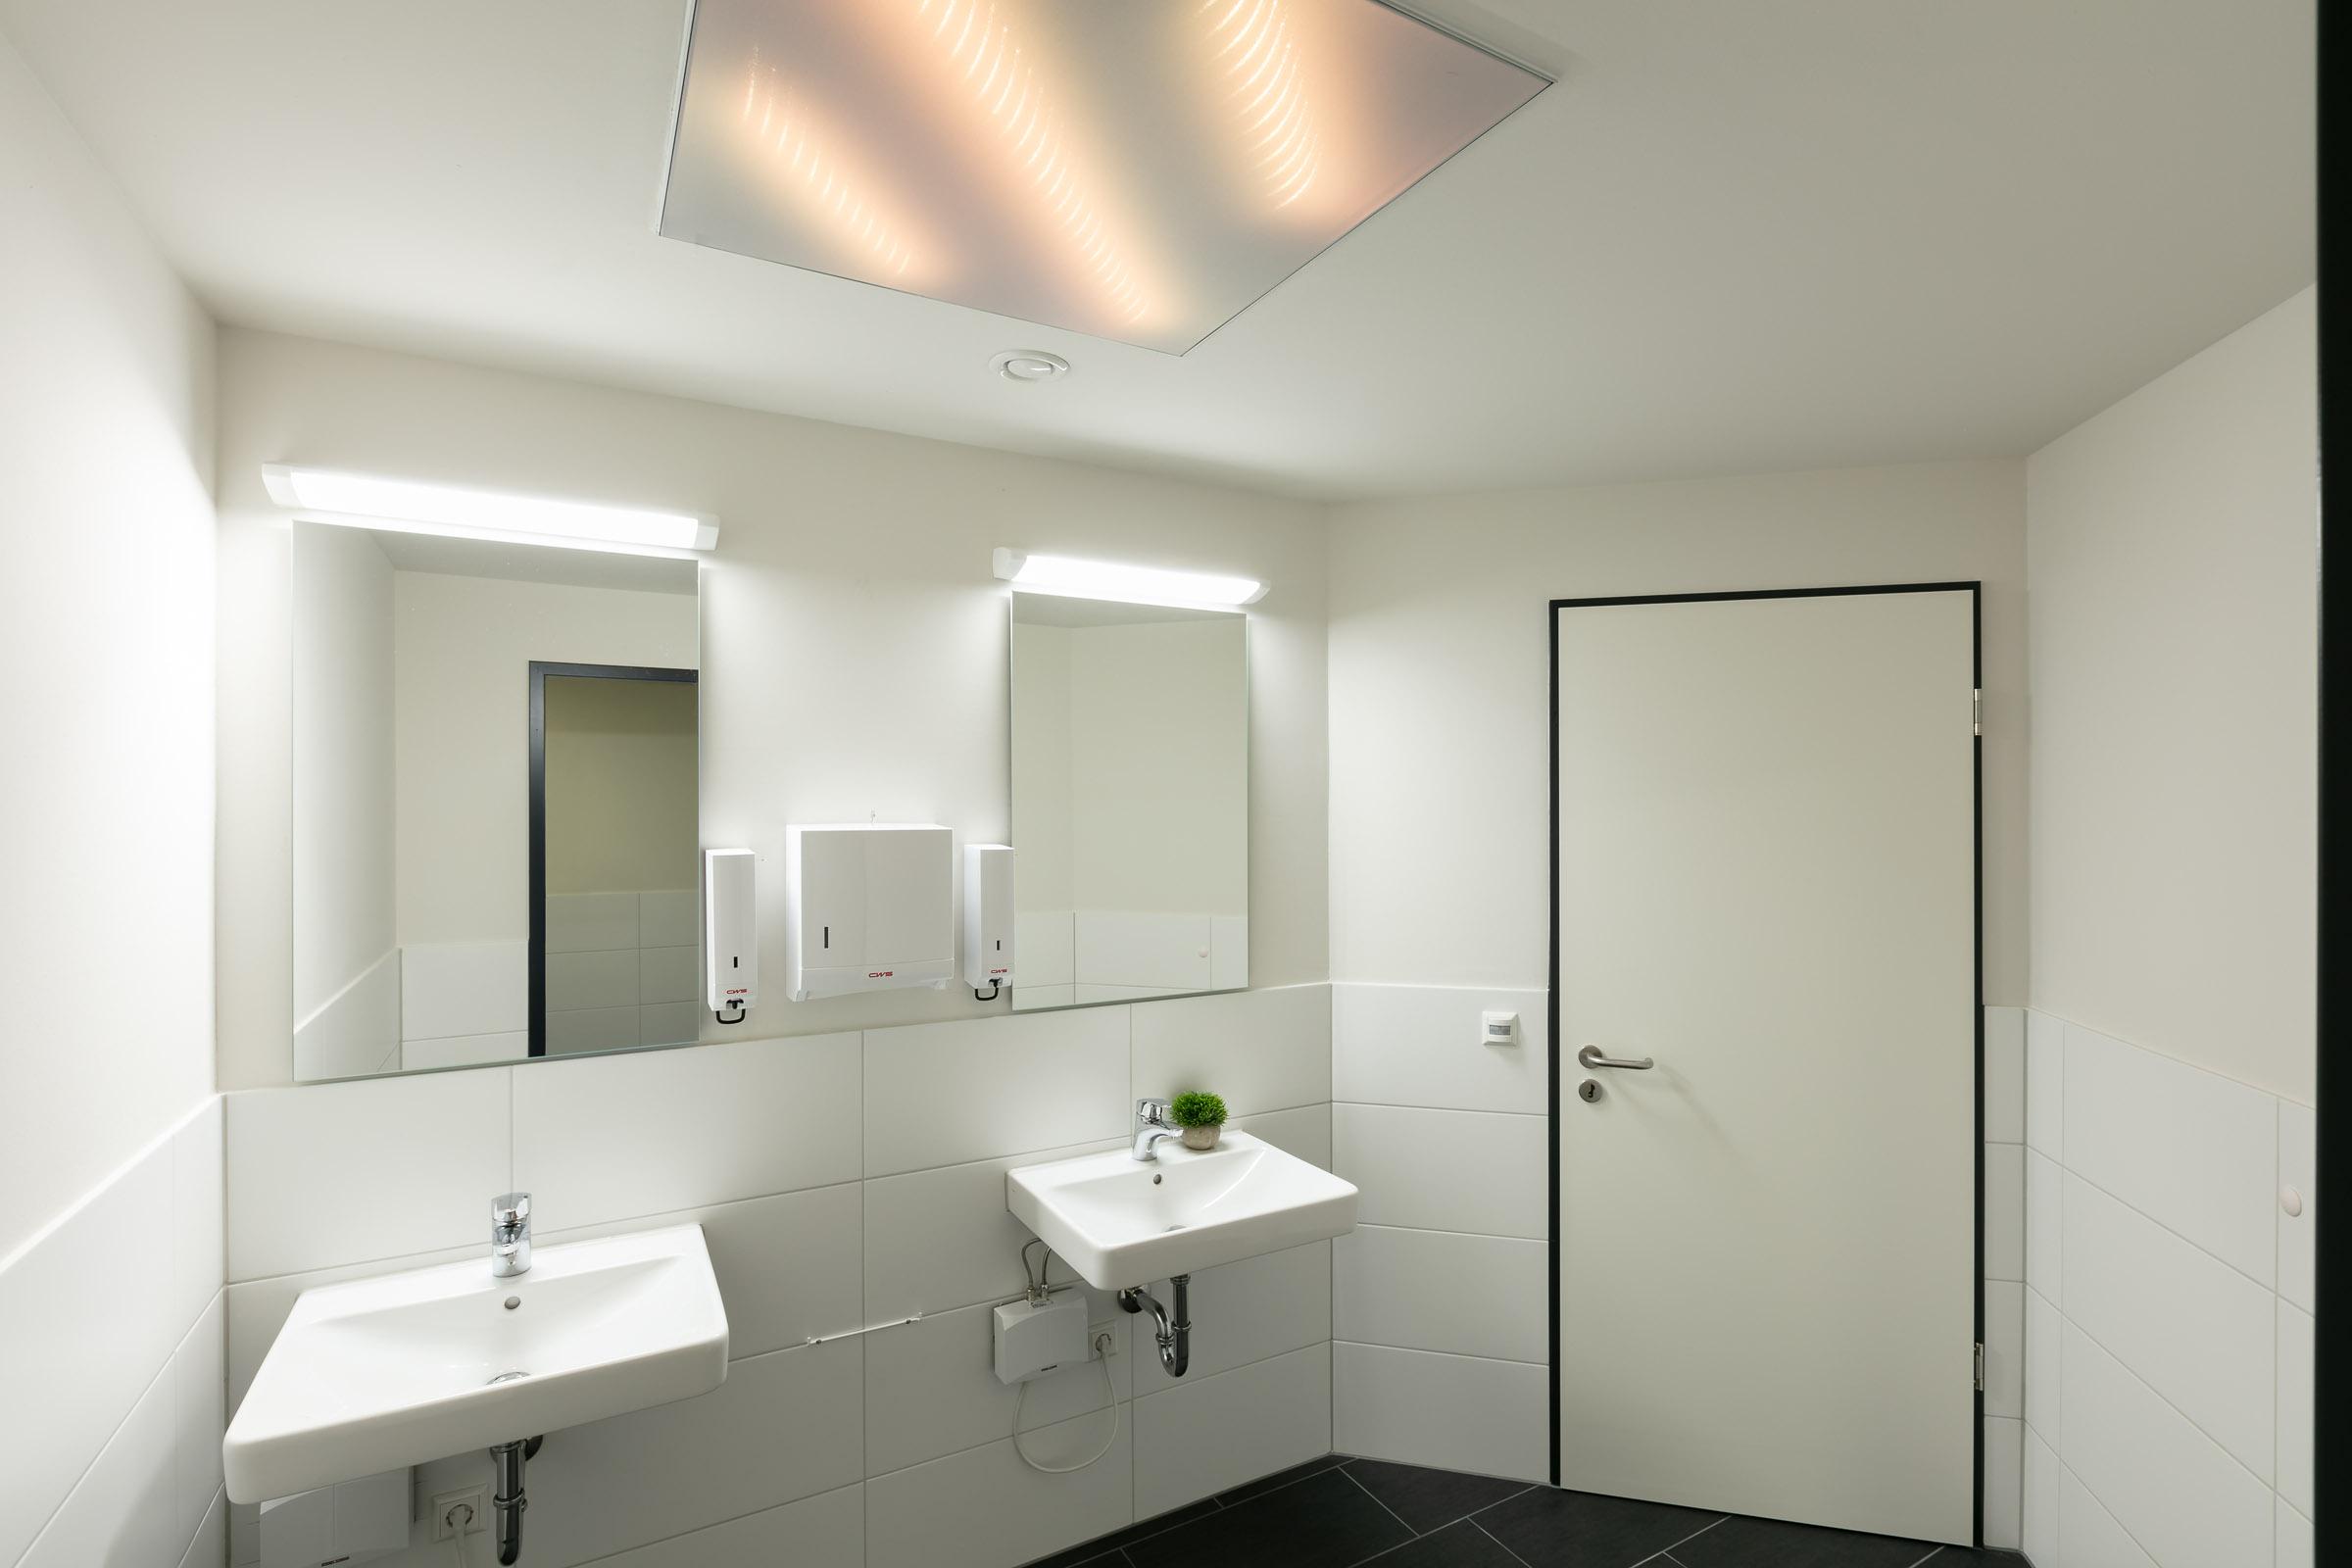 Öffentliche Toilette mit textilem Lichtrahmen in Decke eingelassen und weiss leuchtend